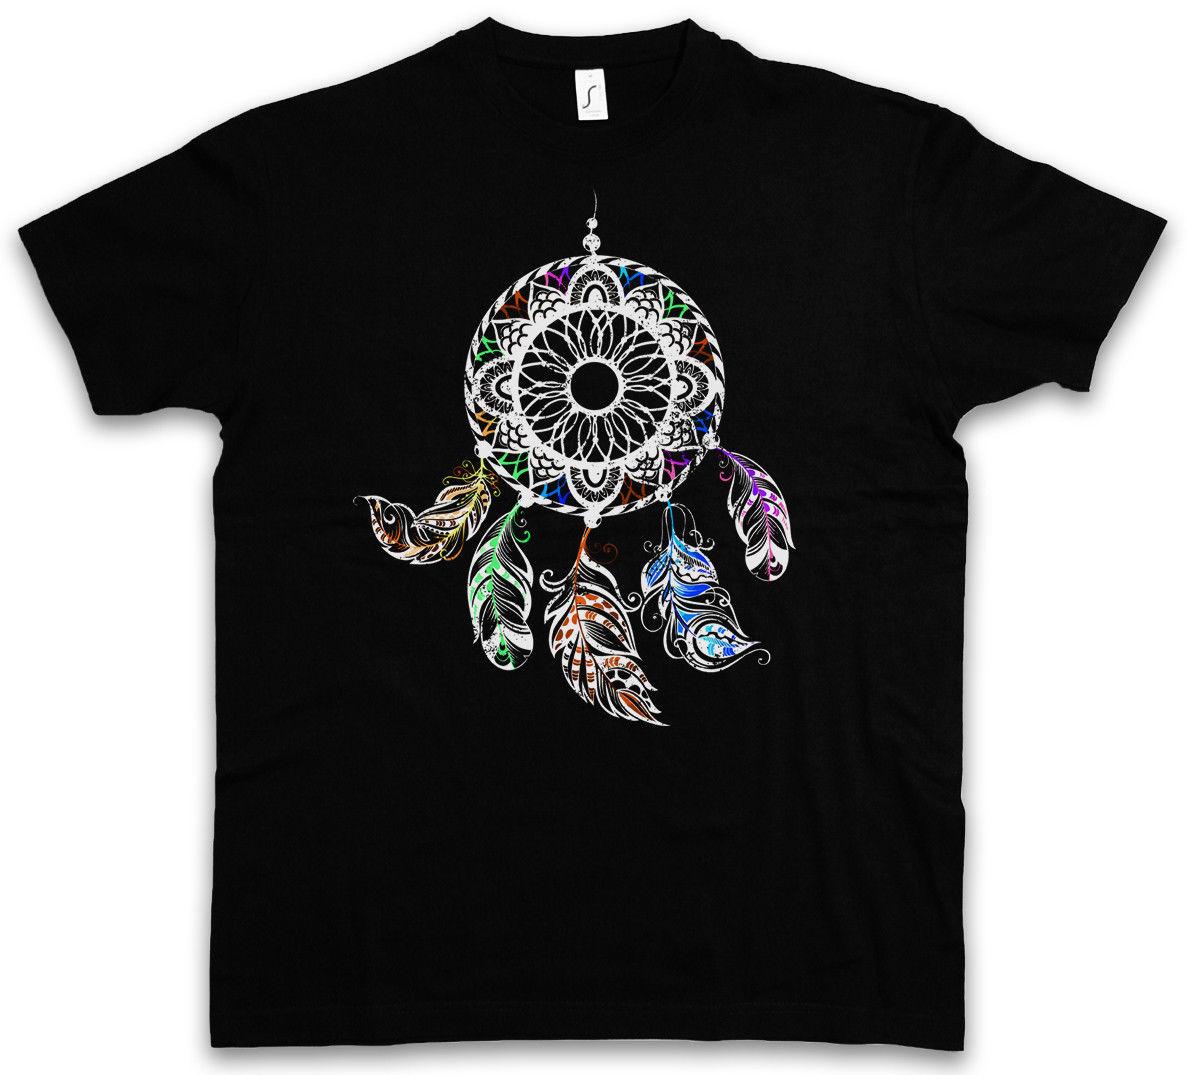 DREAMCATCHER II T-SHIRT - Apache dream catcher asabikeshiinh Native